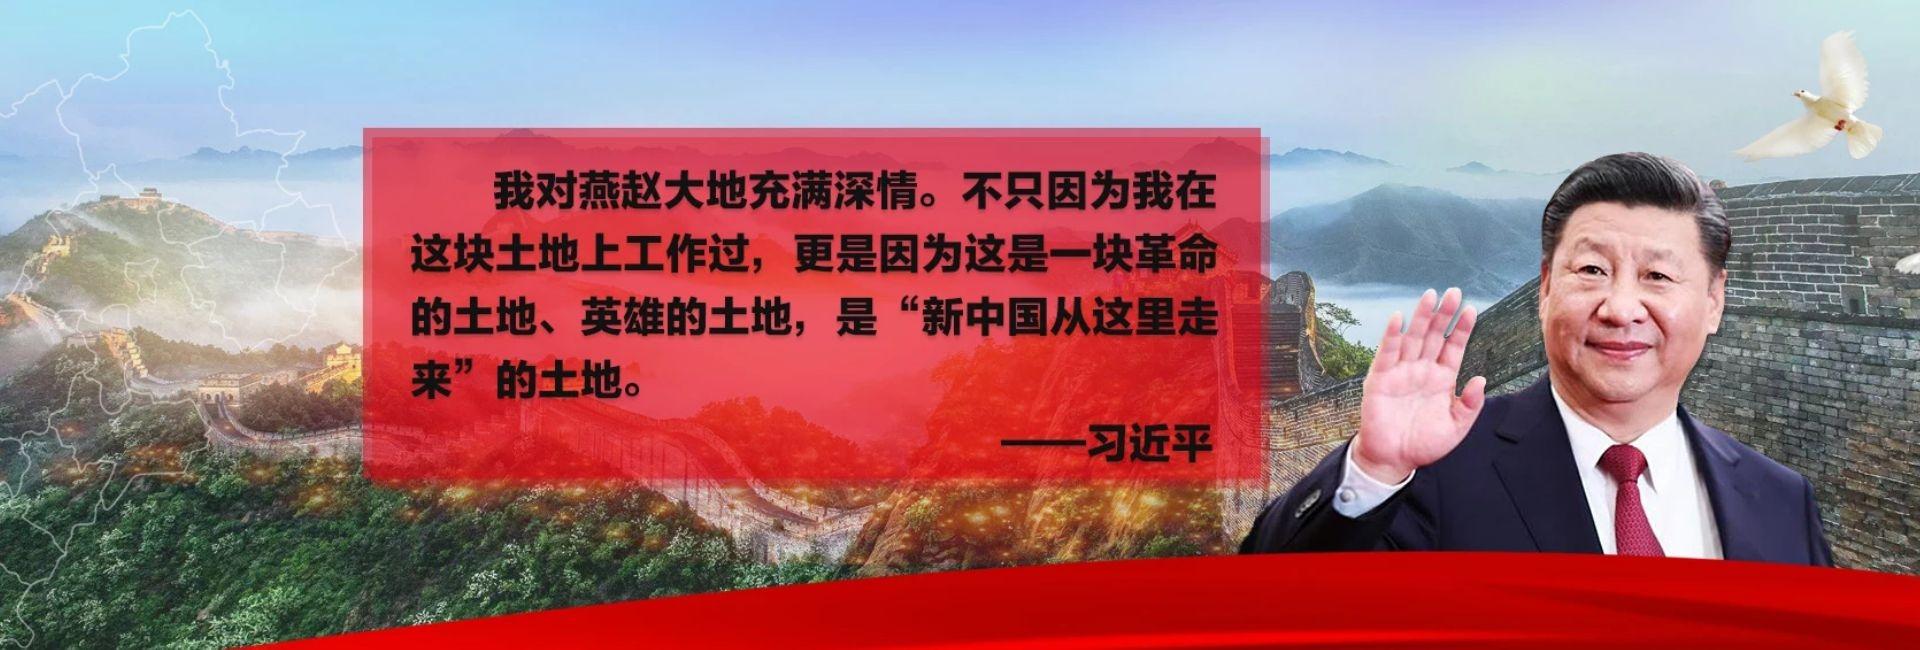 中国防长发出警告!注意他的语气!